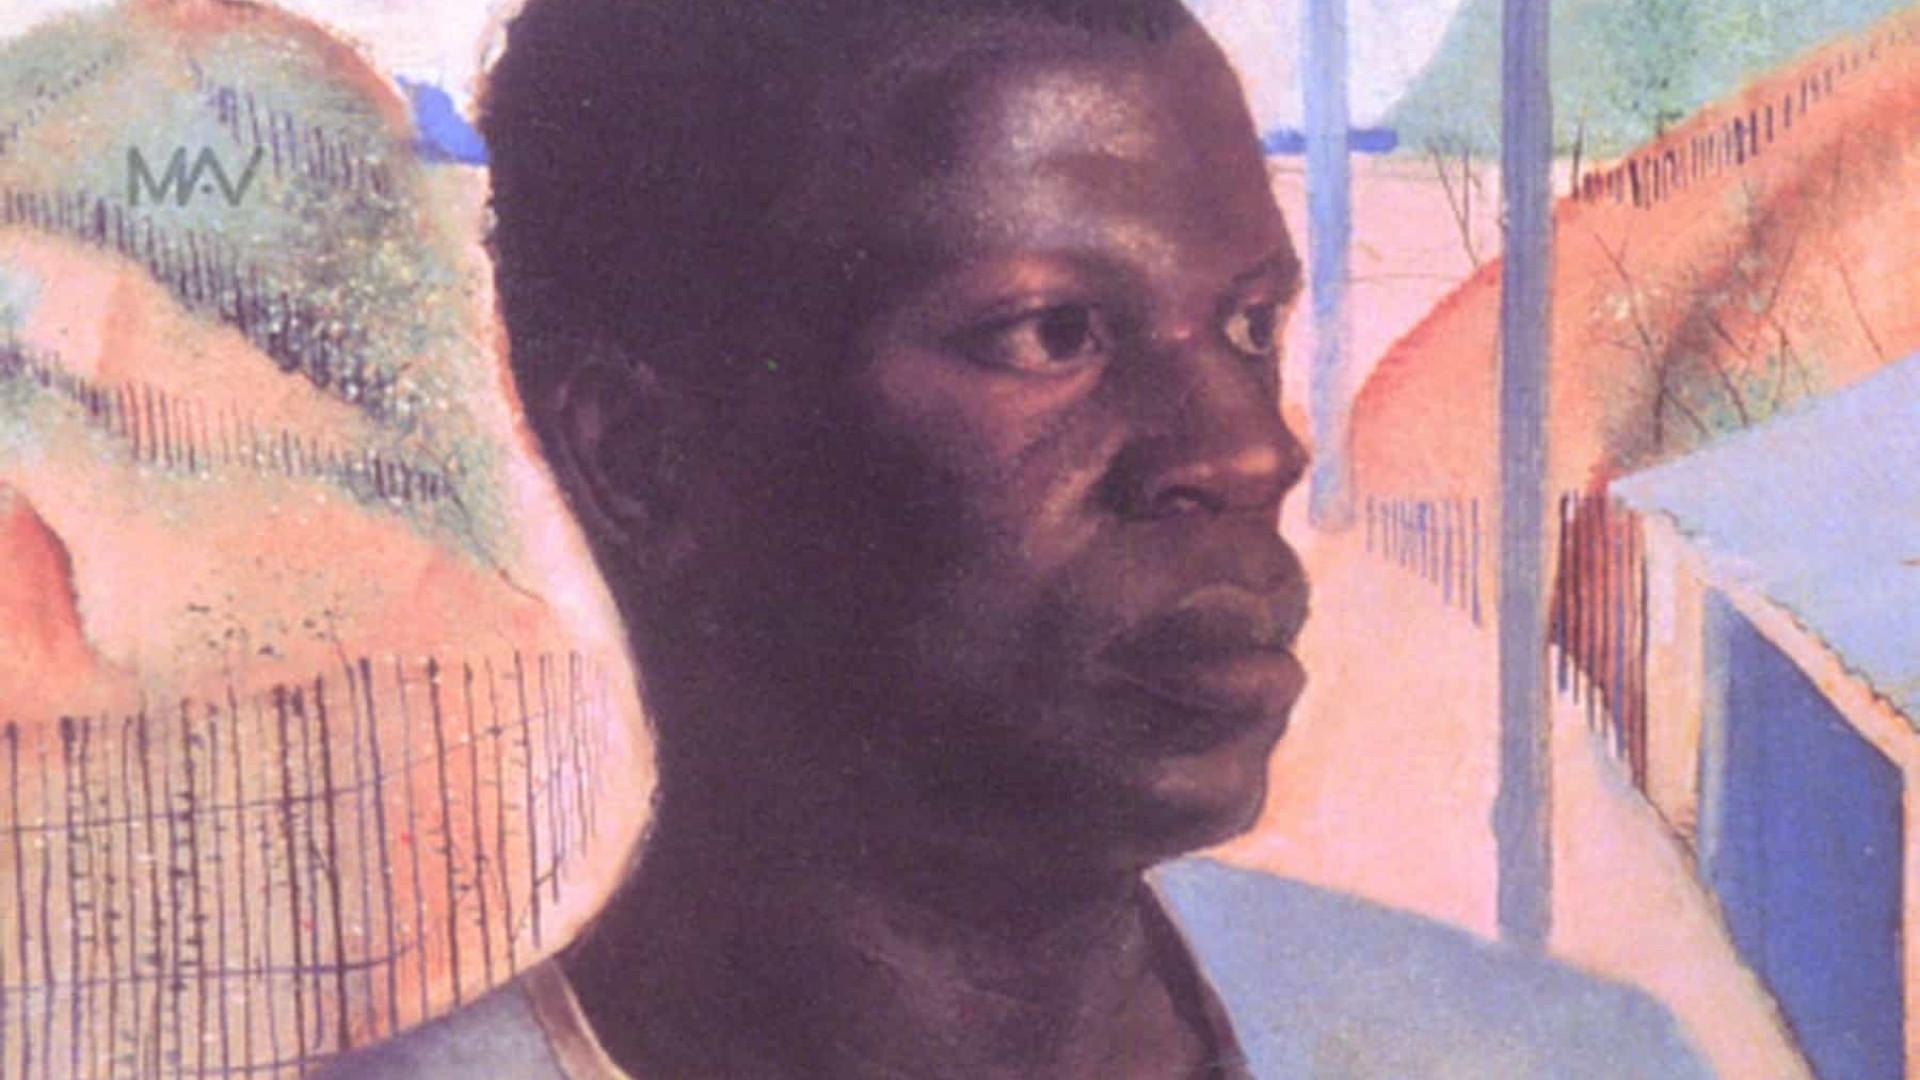 SP terá estátua de Tebas, o escravo que comprou sua liberdade como arquiteto